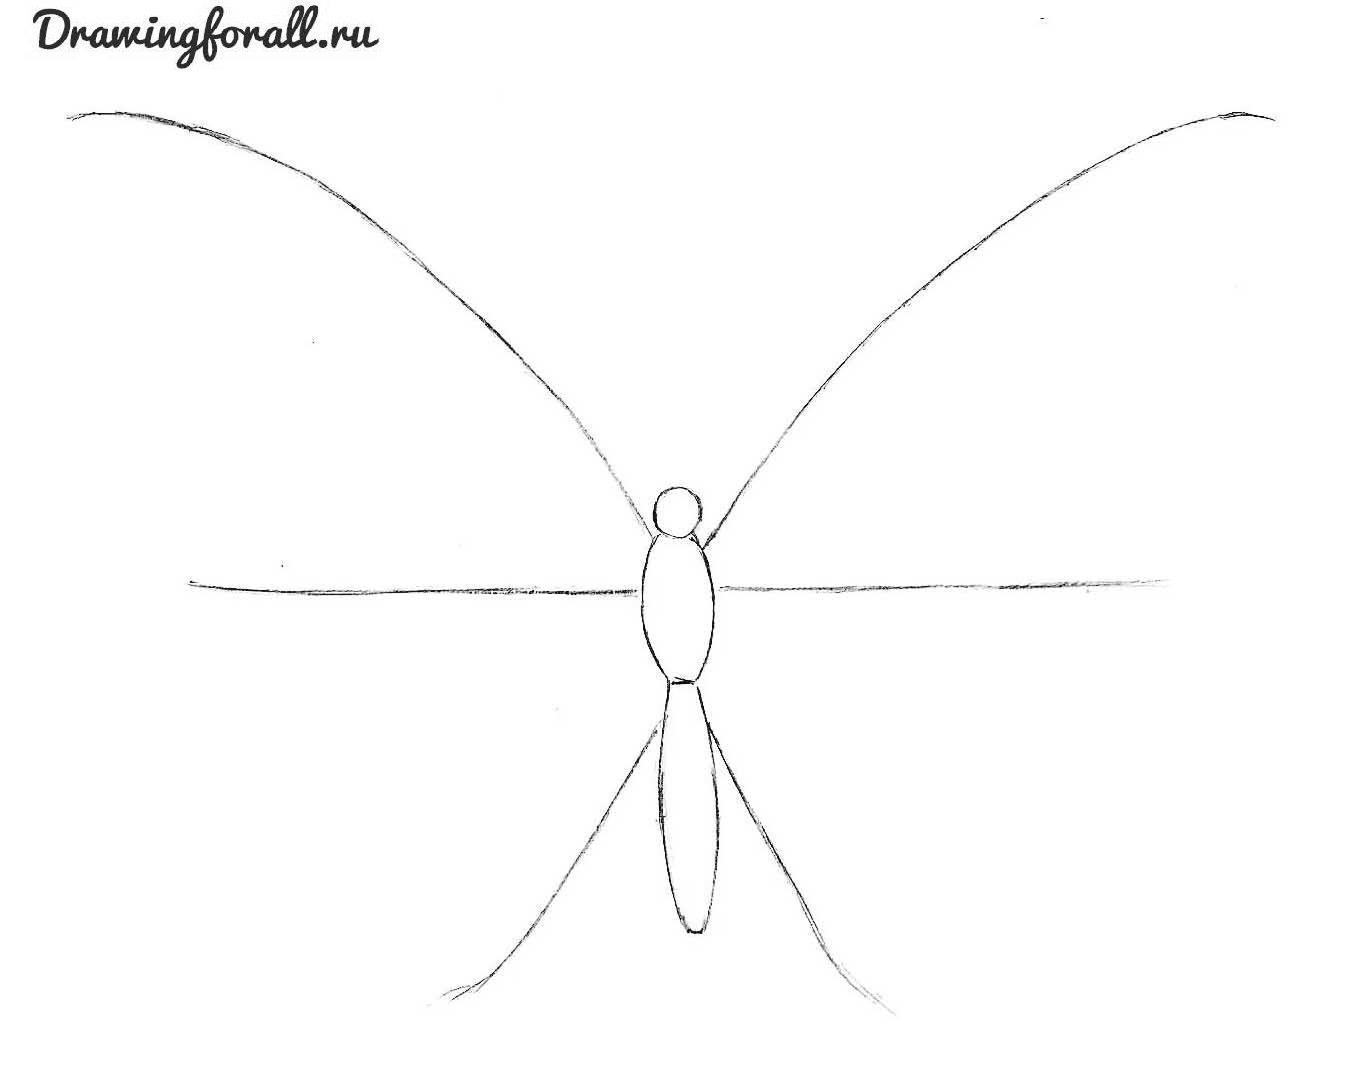 как нарисовать красивую бабочку поэтапно